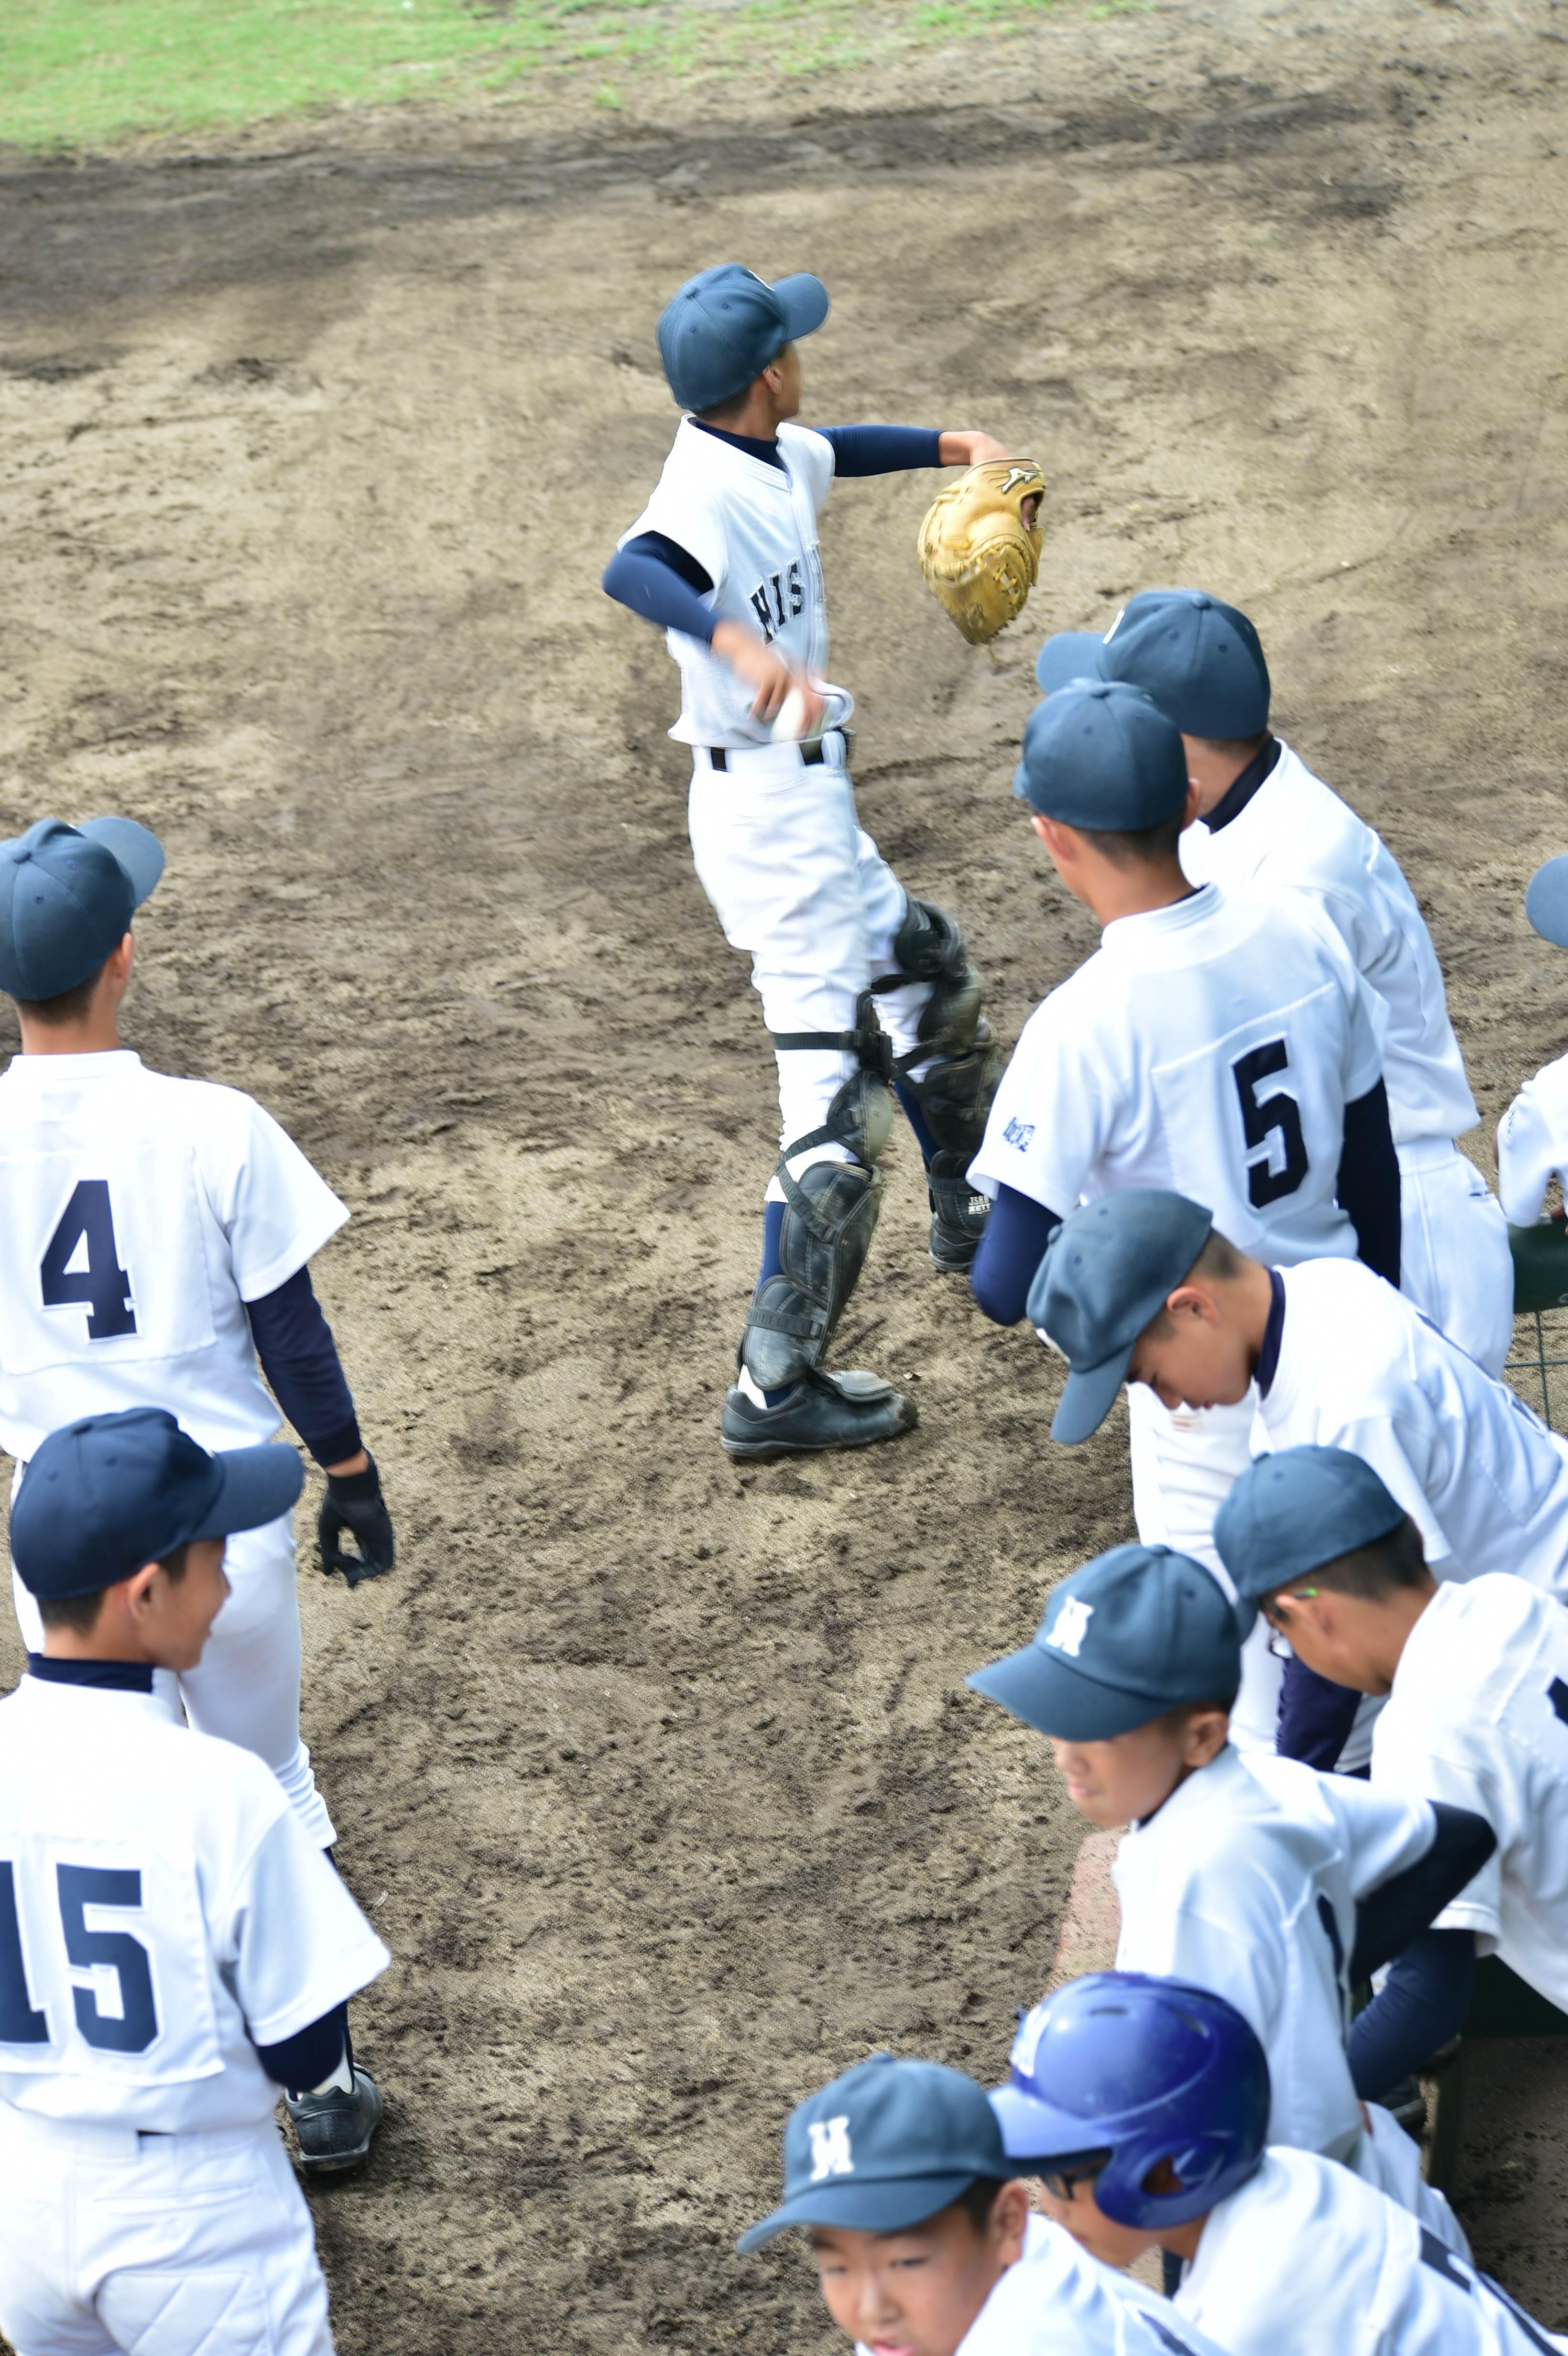 軟式野球 (8)